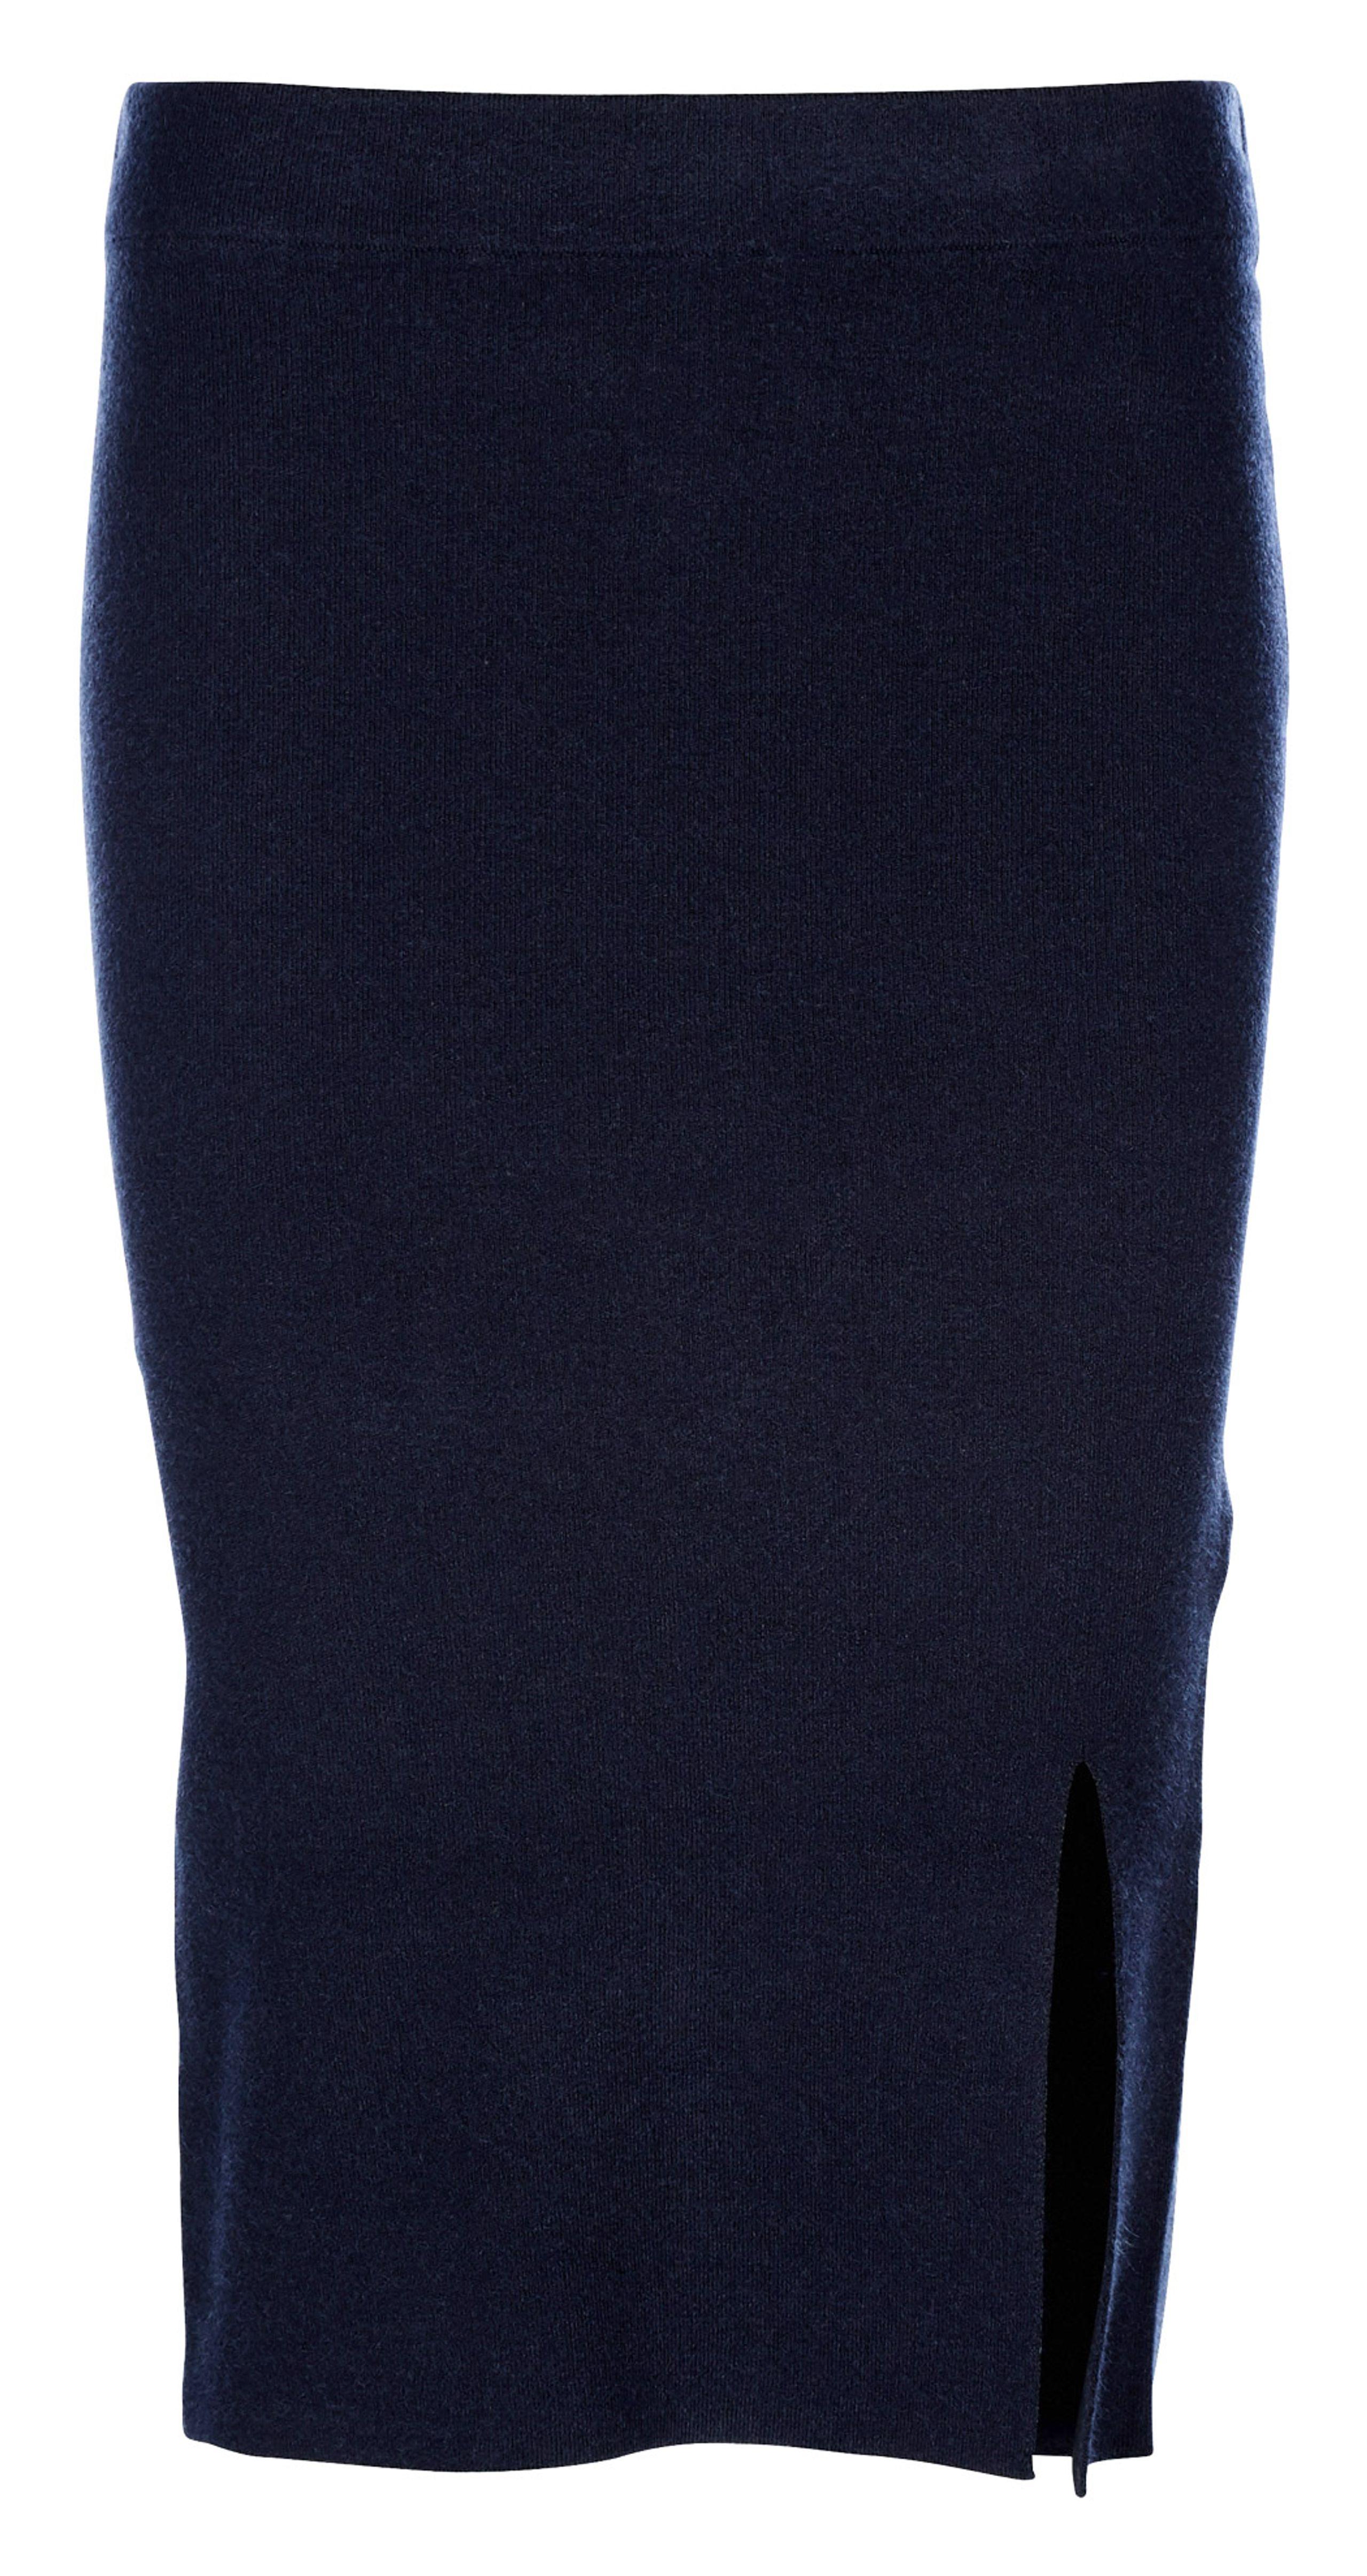 Image of   Inetta Mid Waist Knit Skirt